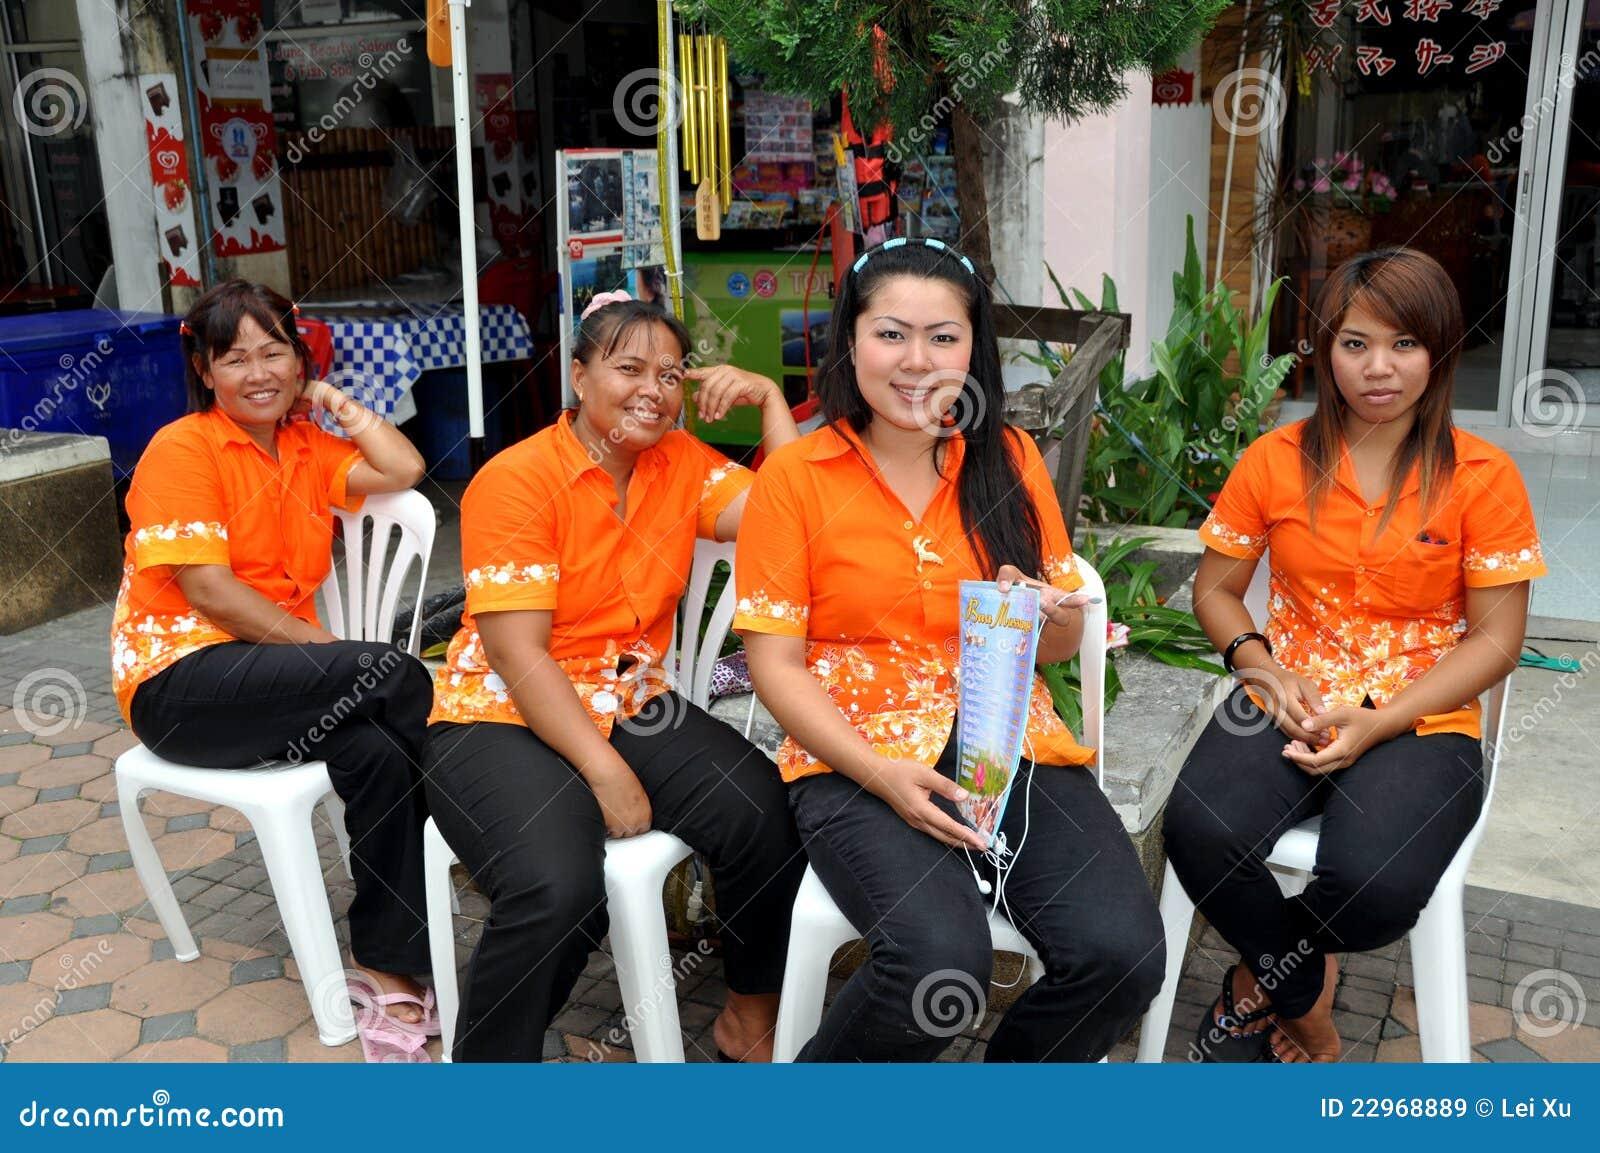 thai massage free x videos